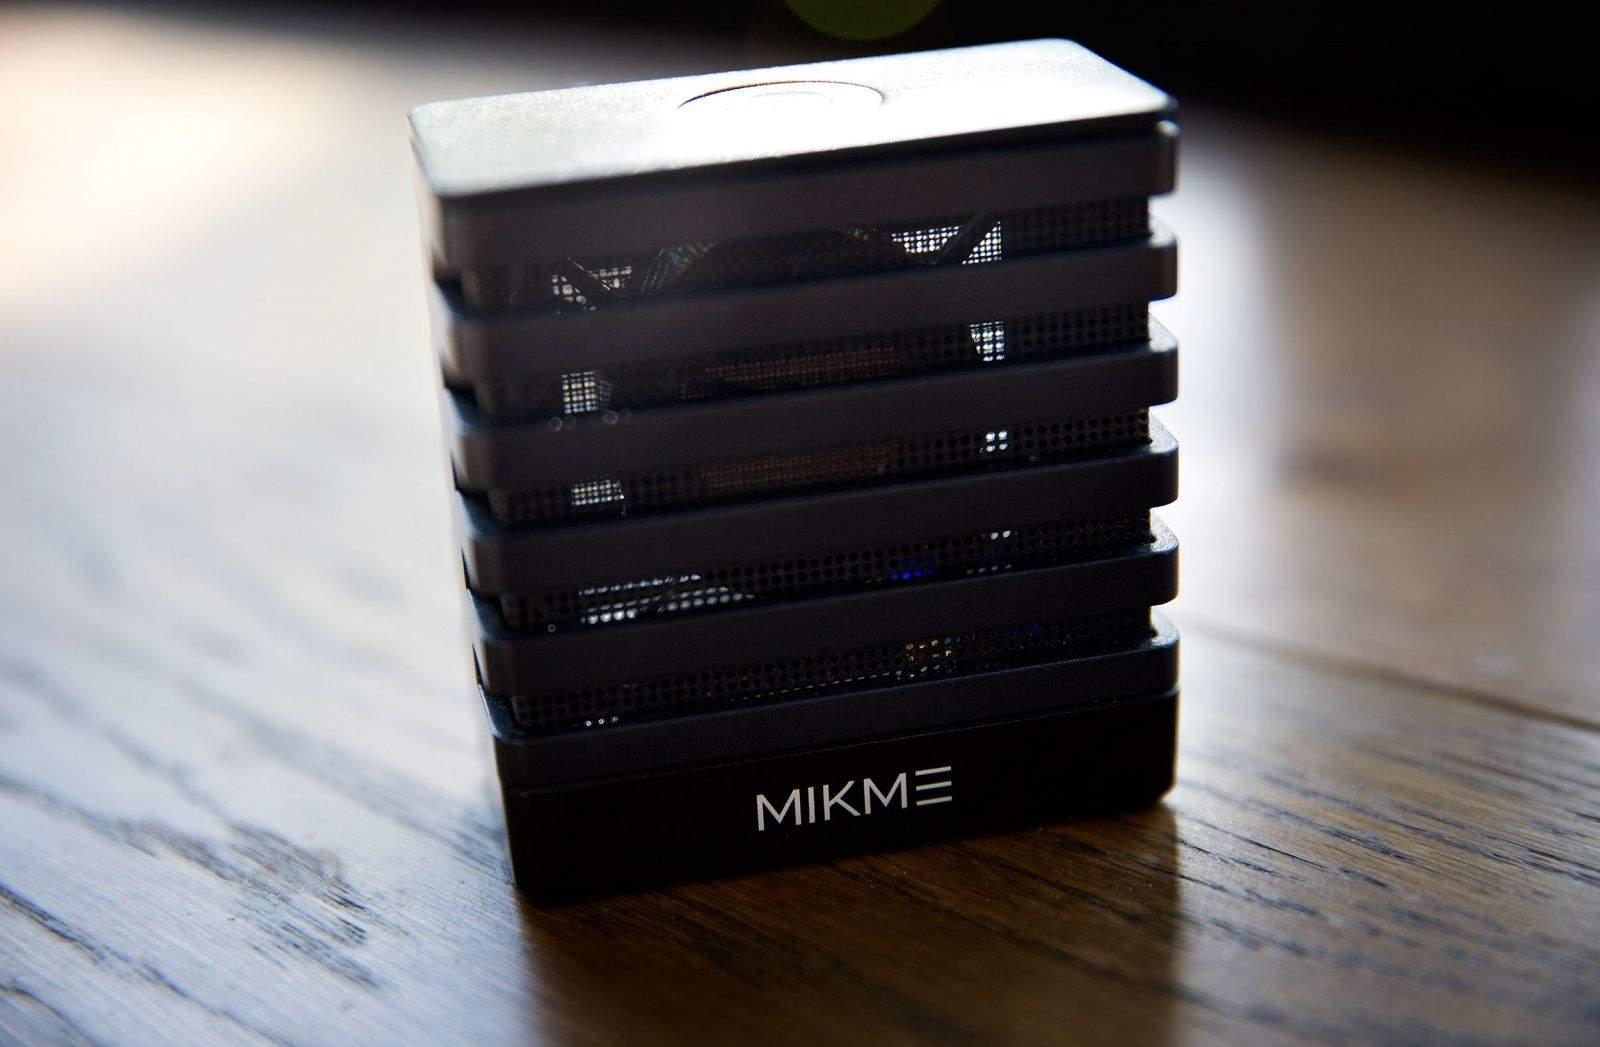 Mikme